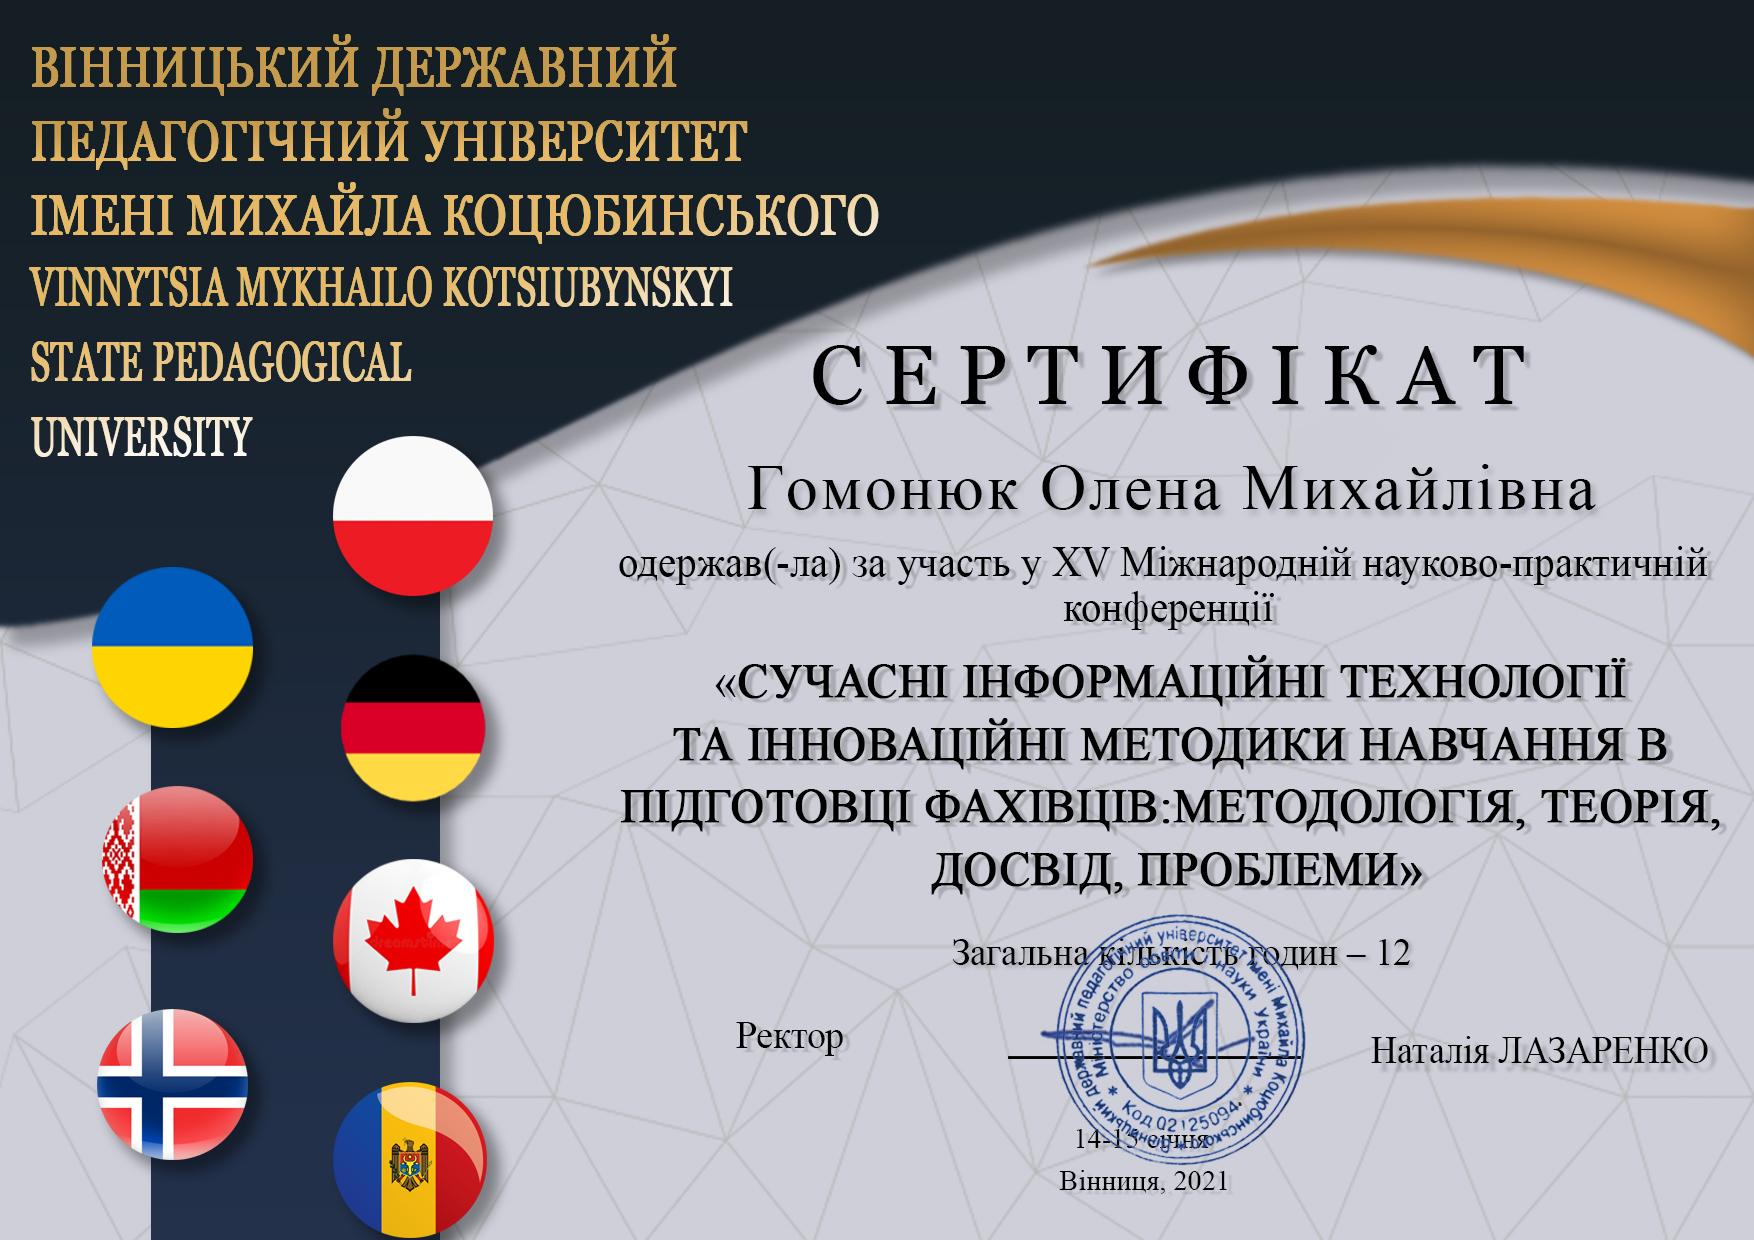 Гомонюк Олена Михайлівна